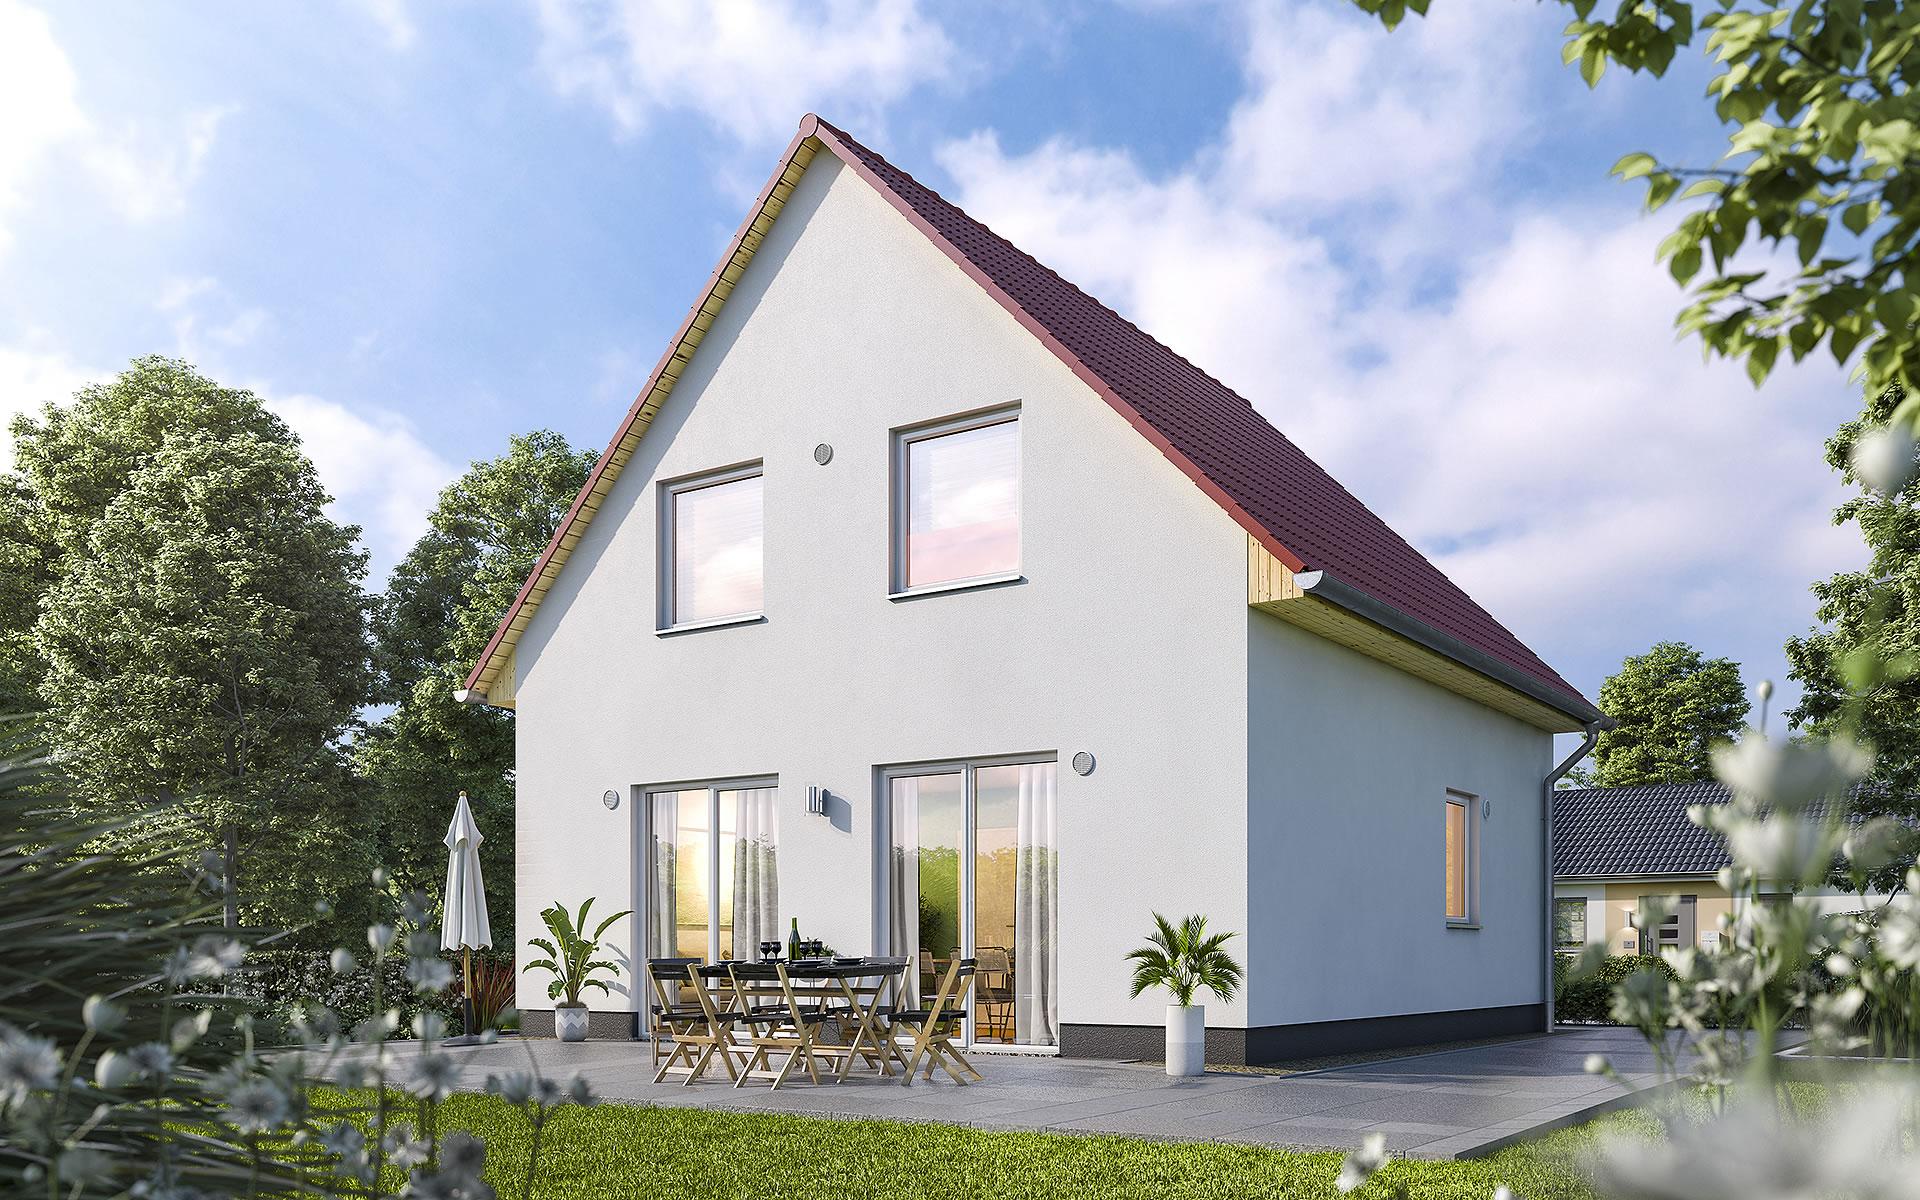 Aktionshaus Aspekt 90 von Town & Country Haus Lizenzgeber GmbH